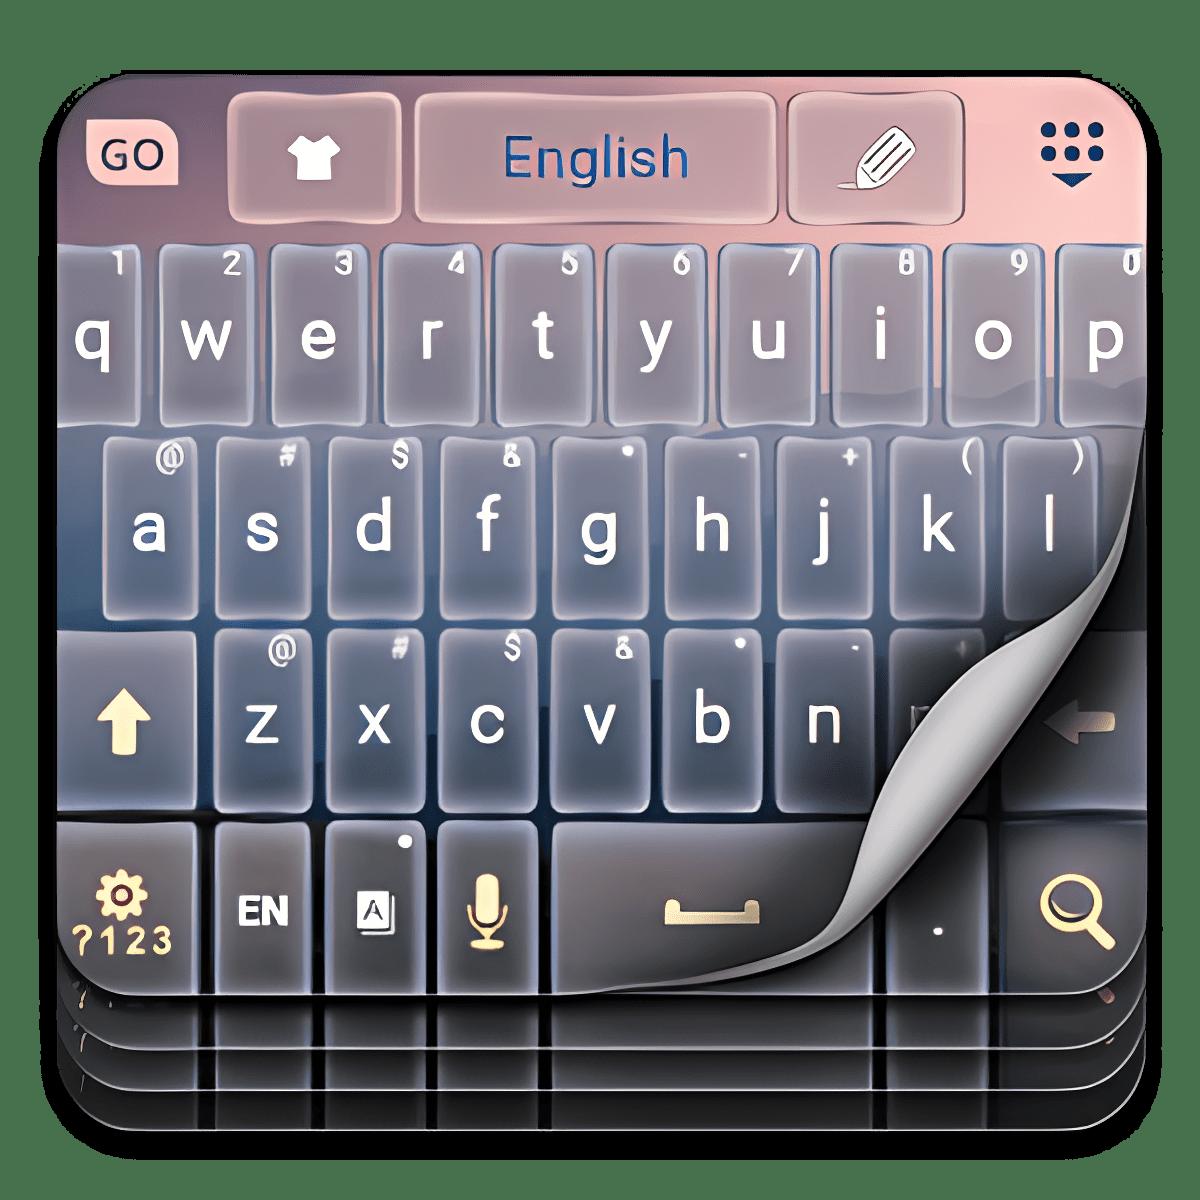 Dicha teclado